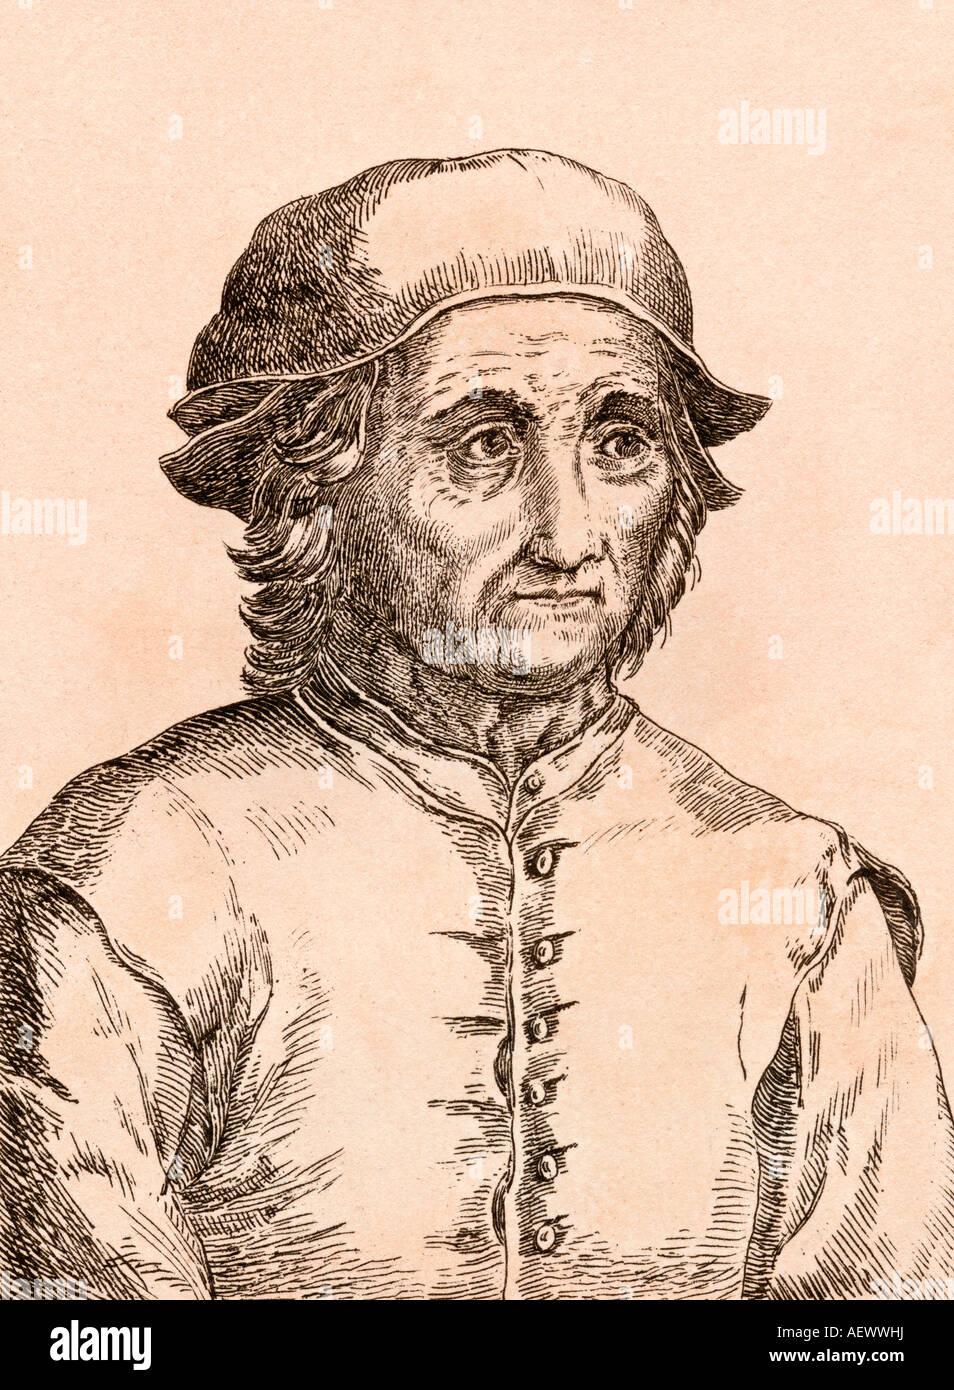 Jérôme Bosch, vers 1450 à 1516. L'artiste néerlandais. Photo Stock